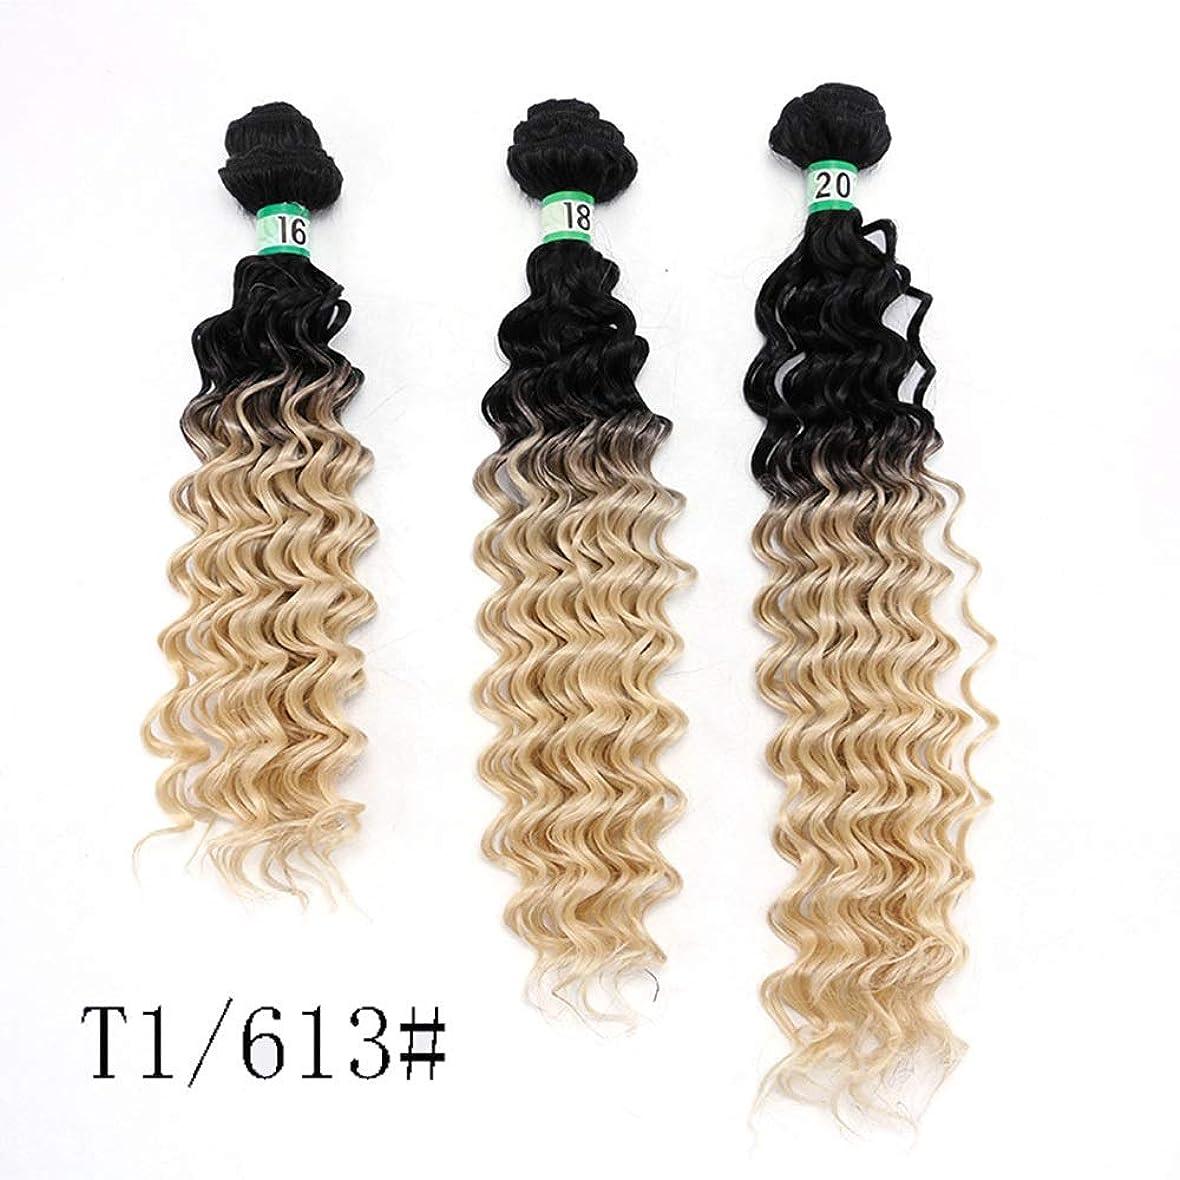 暴動債権者名義でMayalina ブラジルの髪の毛の深い波の髪織り3バンドル - T1 / 613#ブロンドの髪のバンドルミックス長(16